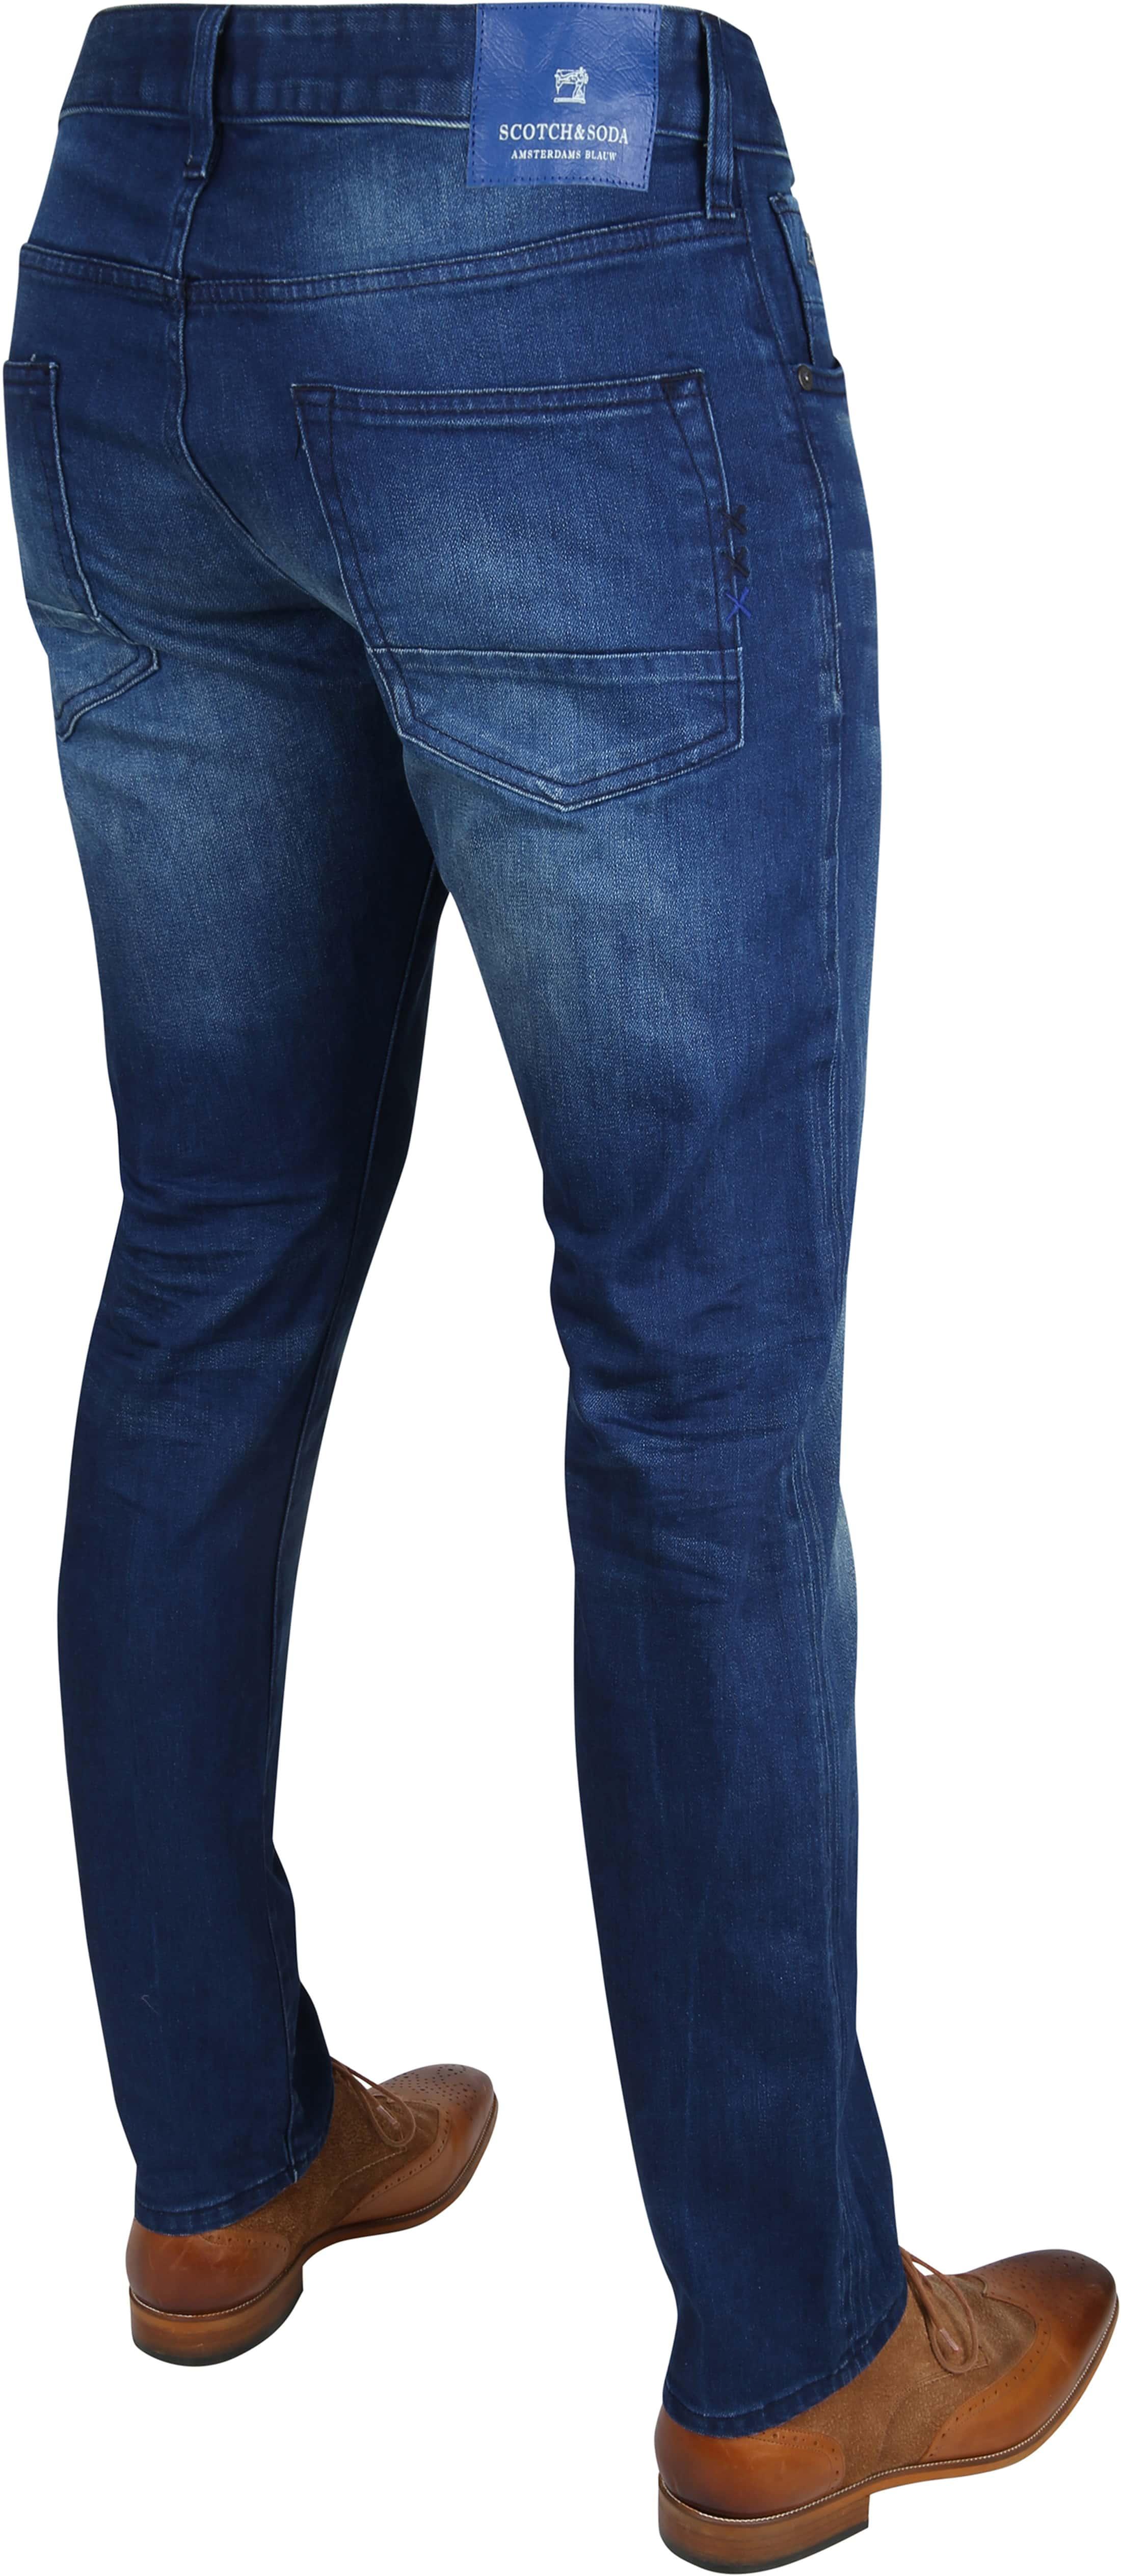 Scotch & Soda Ralston Jeans Blauw foto 3